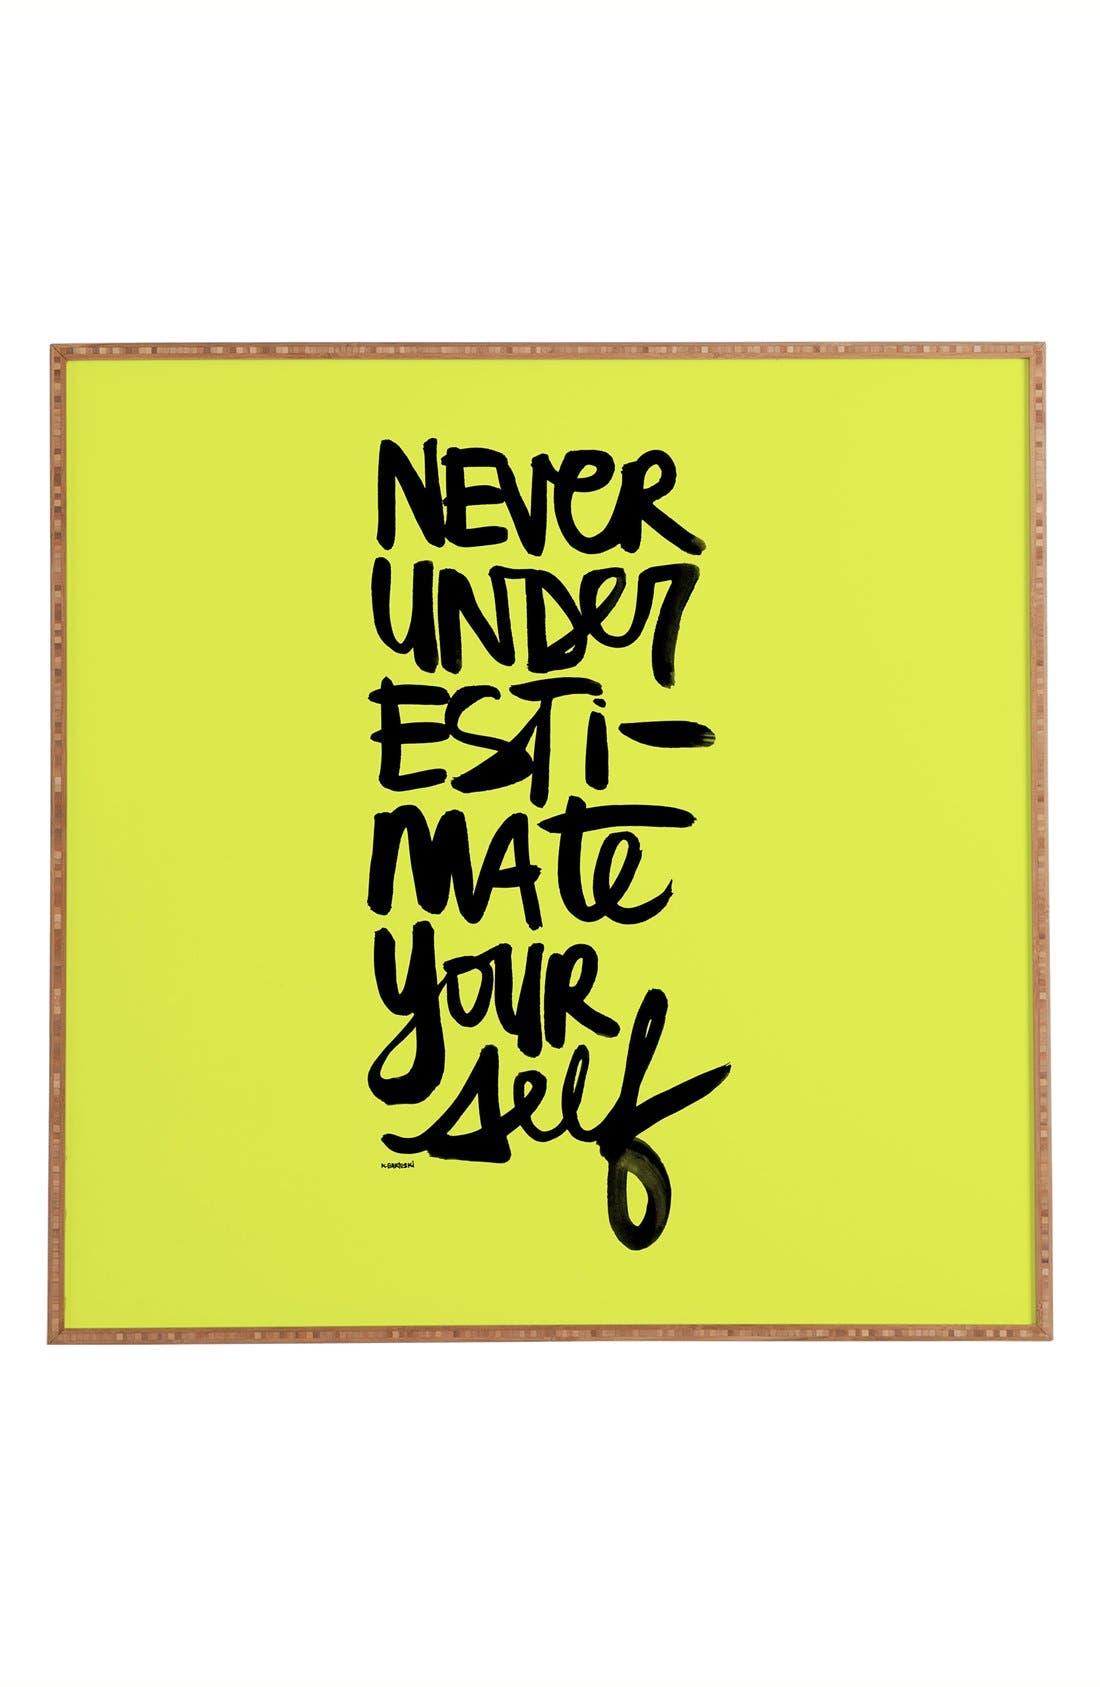 Alternate Image 1 Selected - DENY Designs 'Kal Barteski - Never Underestimate Yourself' Wall Art